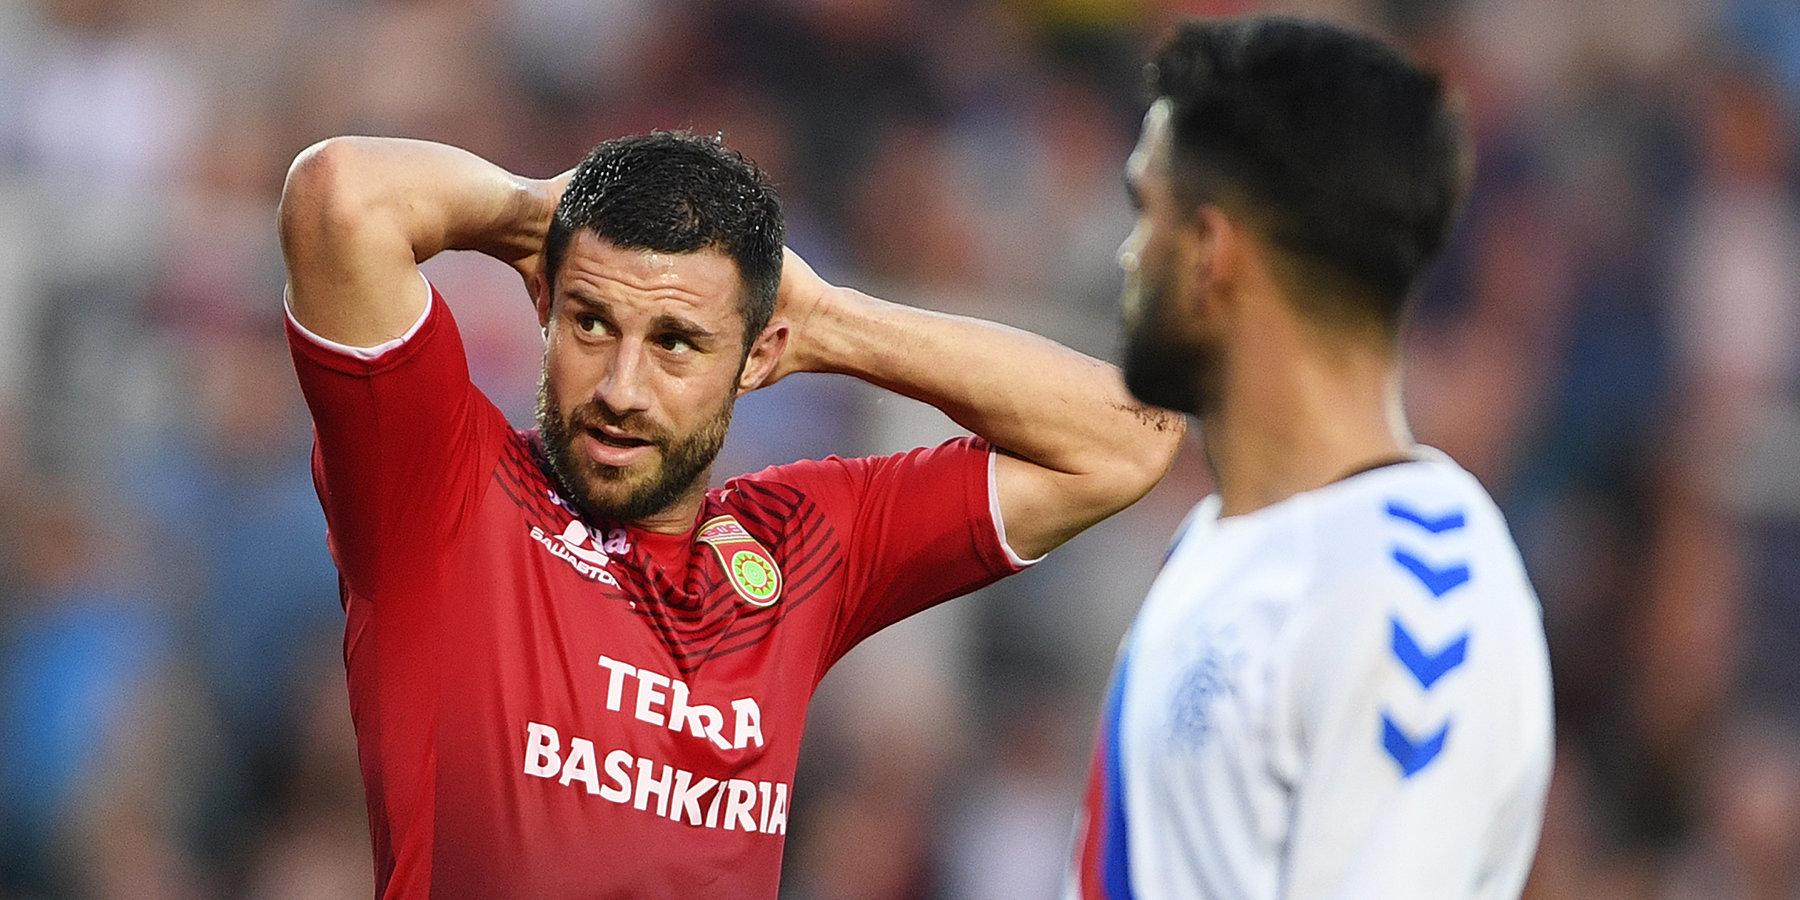 Azərbaycanlı futbolçuya 4 dəqiqə inandılar - VİDEO